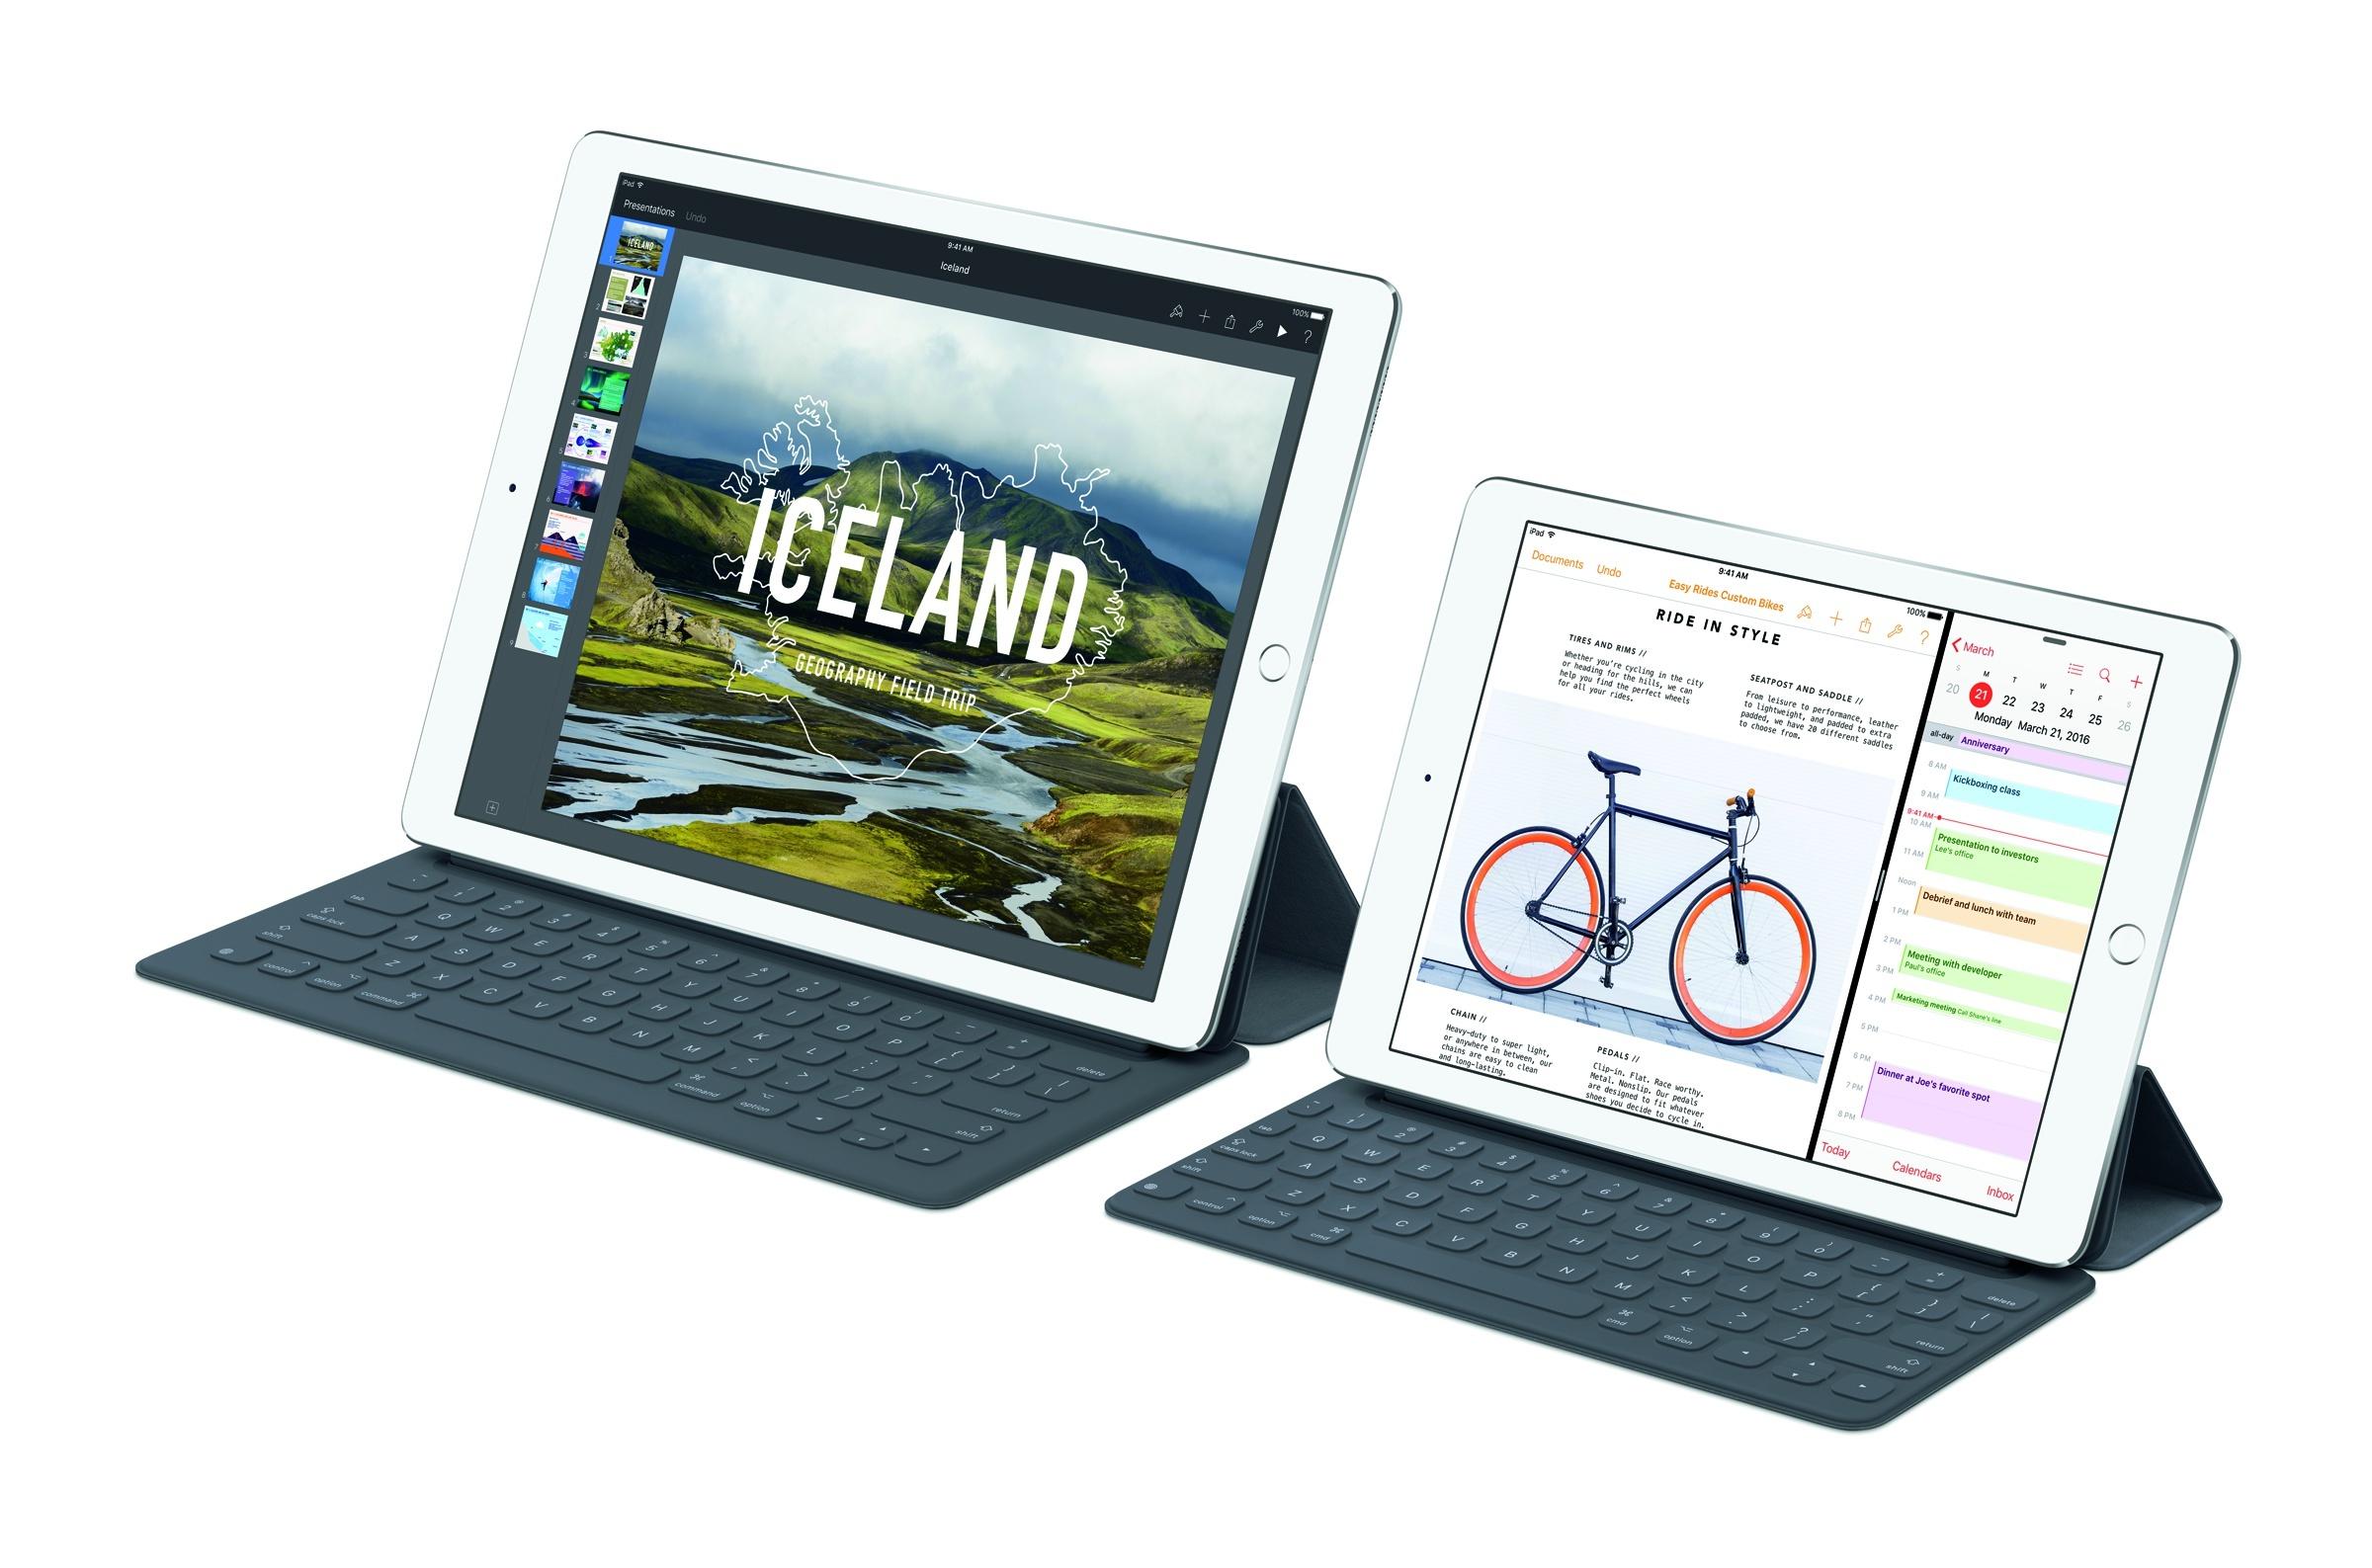 Da hat der Big Brother das Nachsehen, das iPad Pro mit 9,7 Zoll hat die bessere Kamera an Bord und wiegt gerade mal 444 Gramm